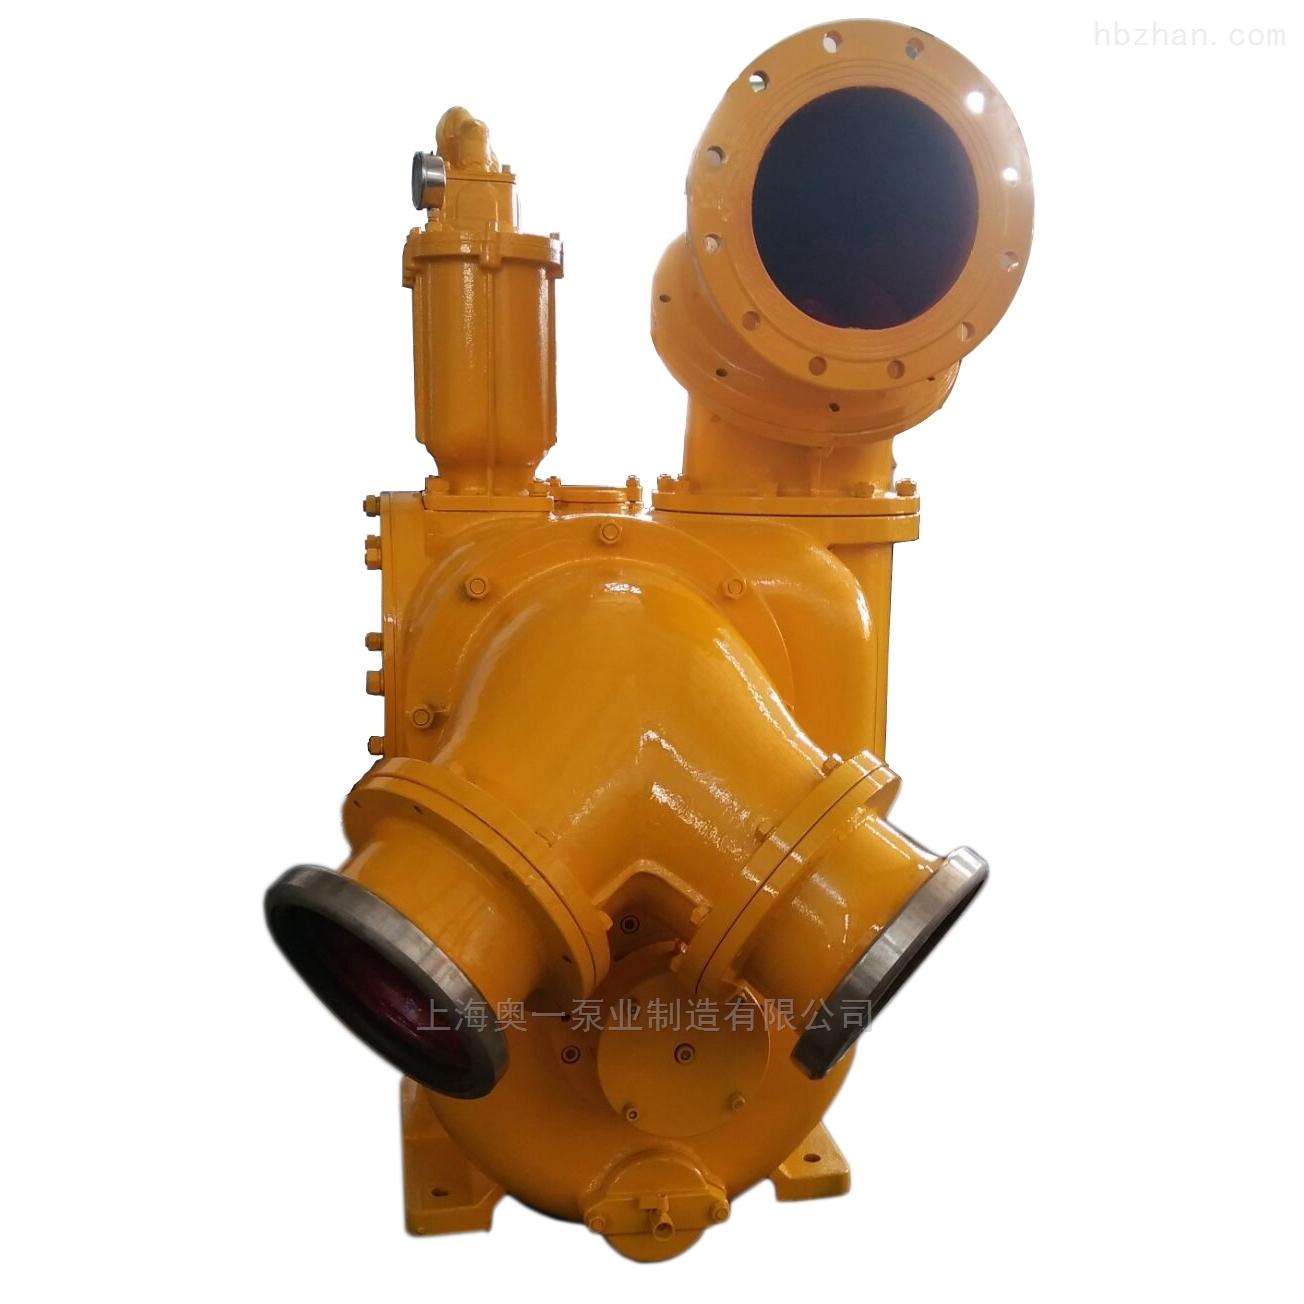 强自吸双吸式柴油机水泵